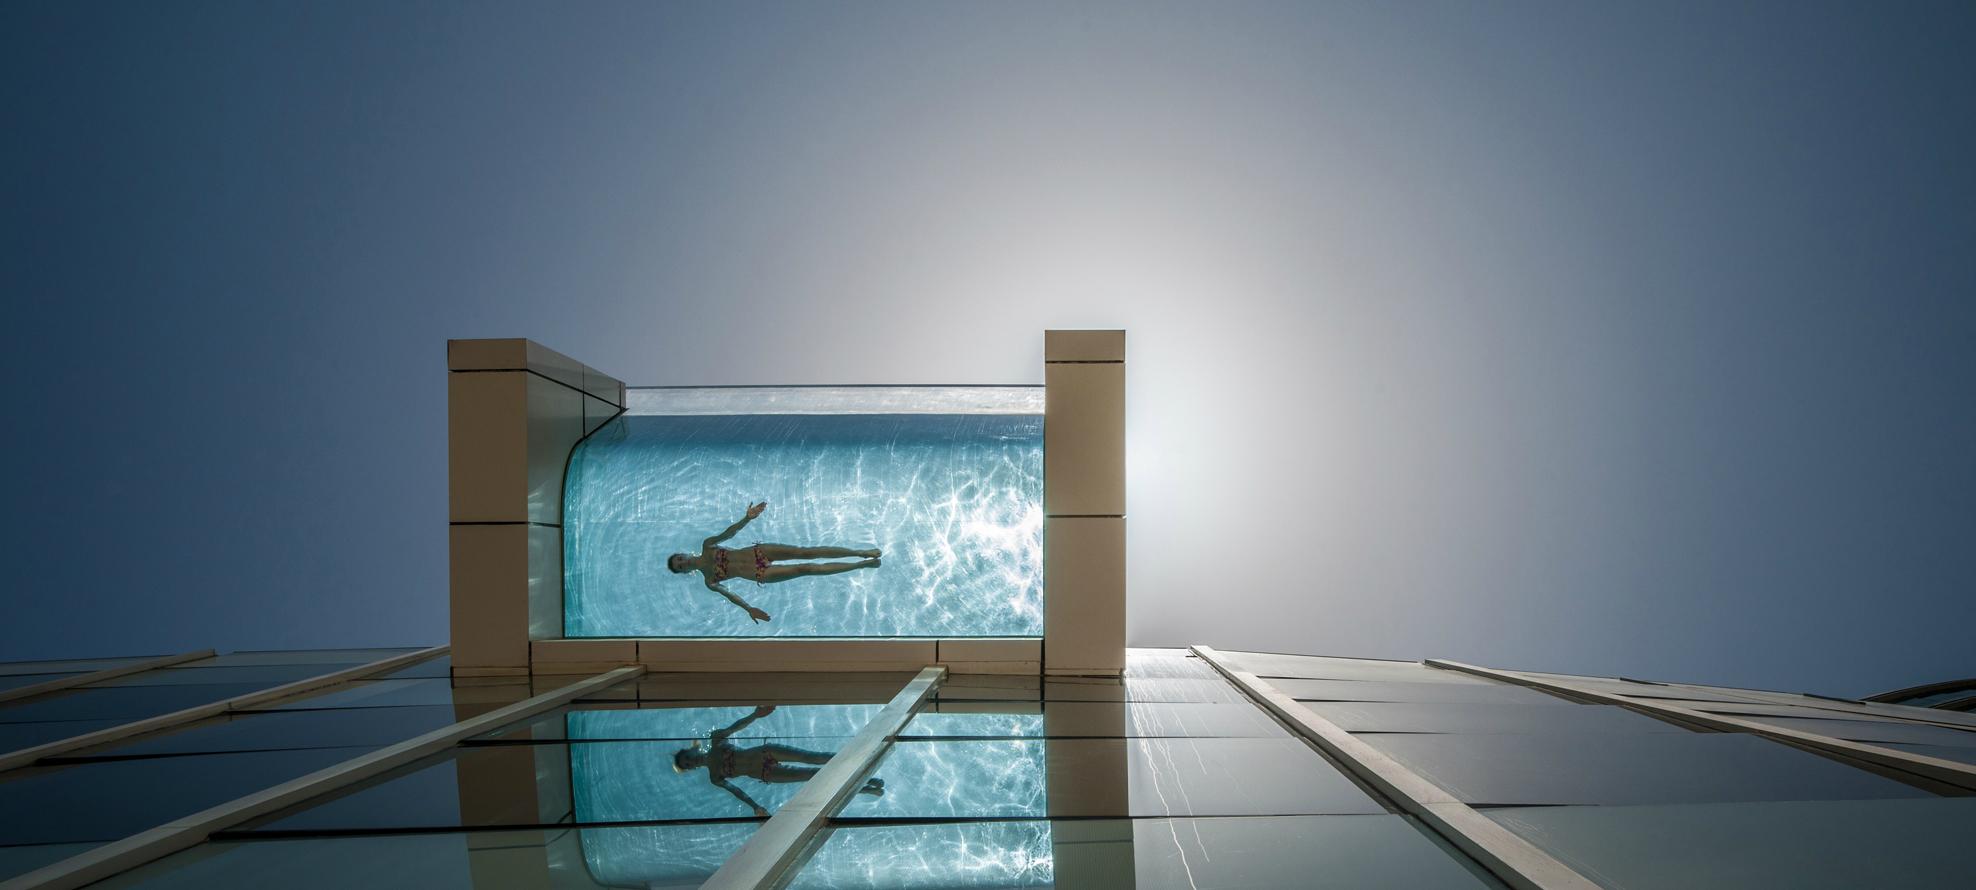 Si eres envidioso no mires estas fotos 14 piscinas for Cuanto puede costar hacer una piscina